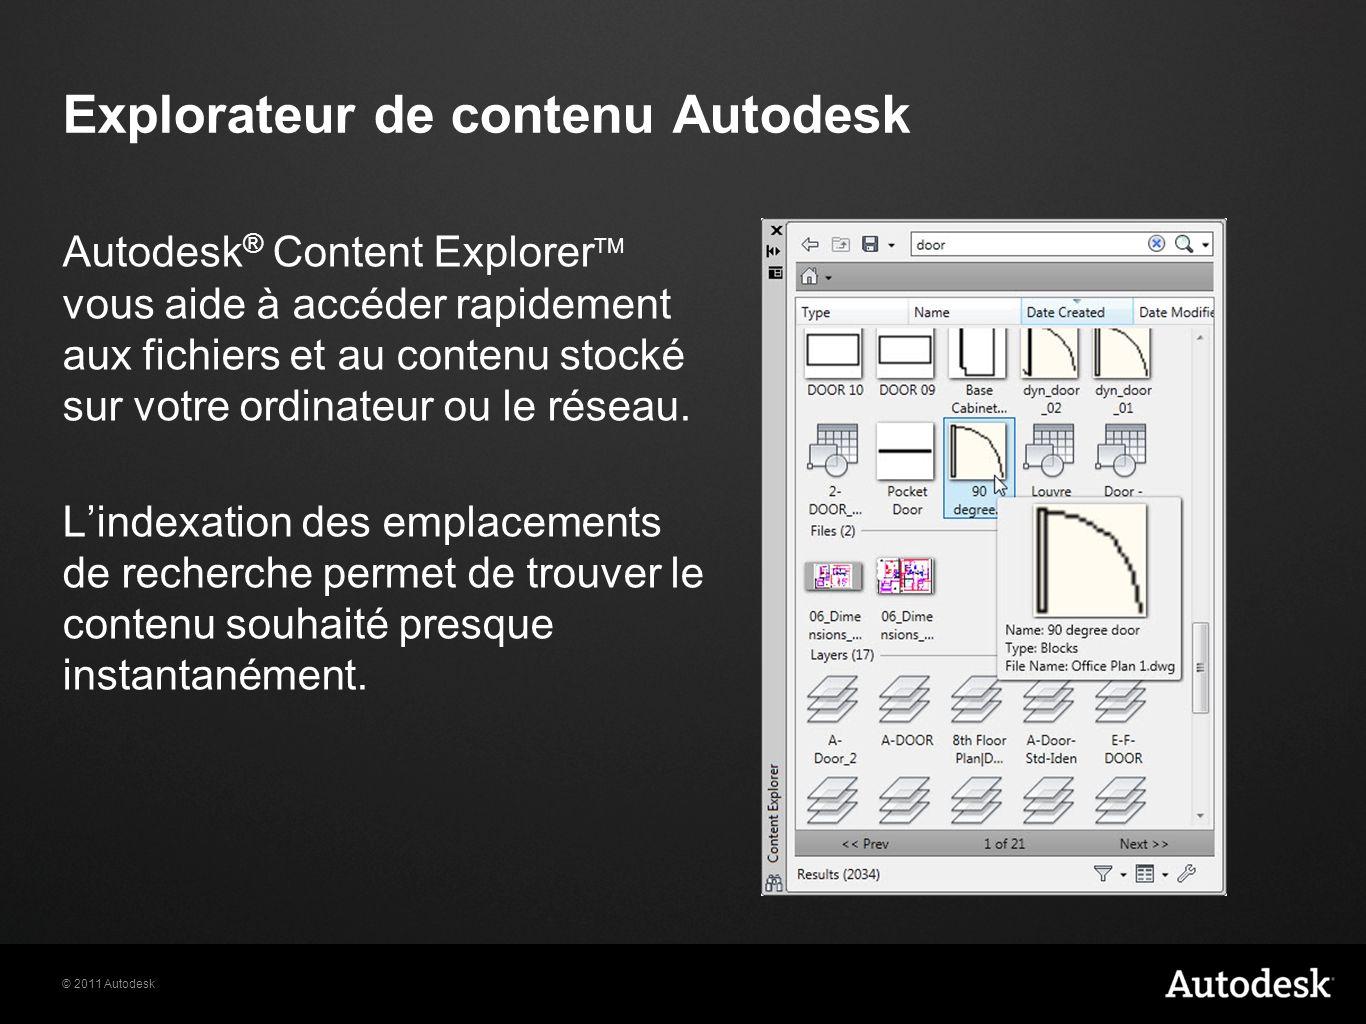 © 2011 Autodesk Explorateur de contenu Autodesk Autodesk ® Content Explorer TM vous aide à accéder rapidement aux fichiers et au contenu stocké sur vo